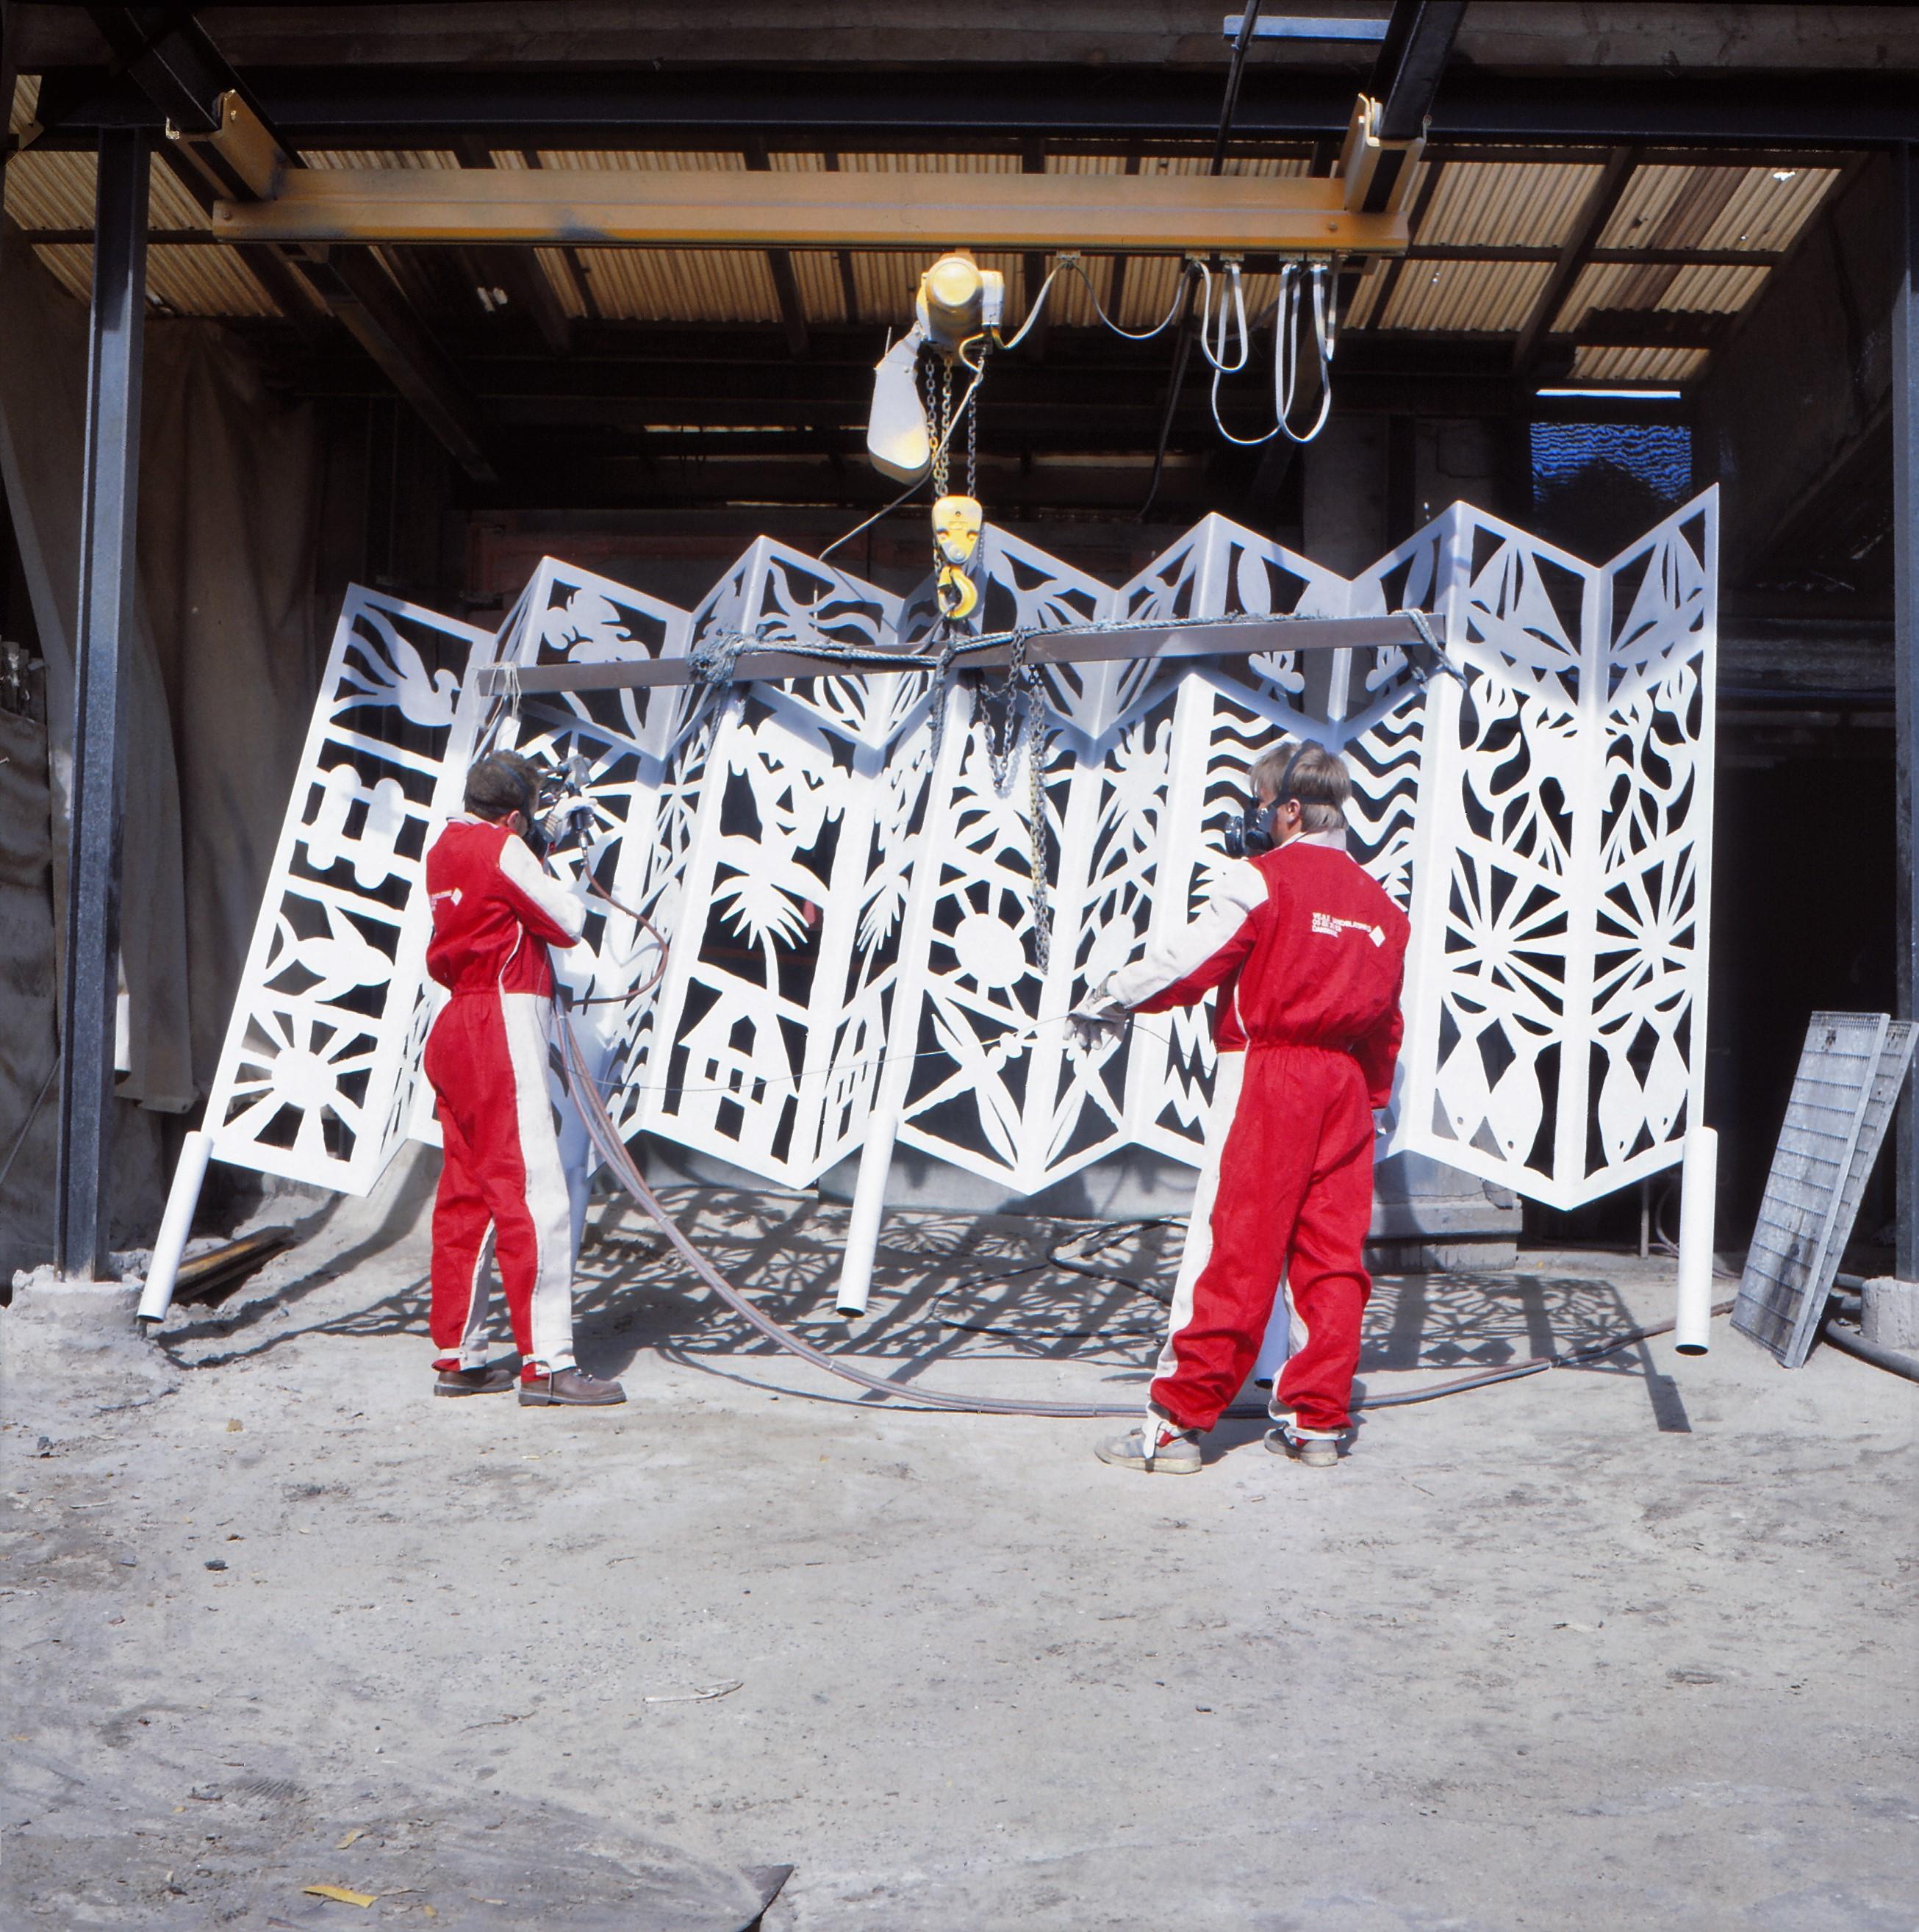 metallisering er en overfaldebehandling af stål